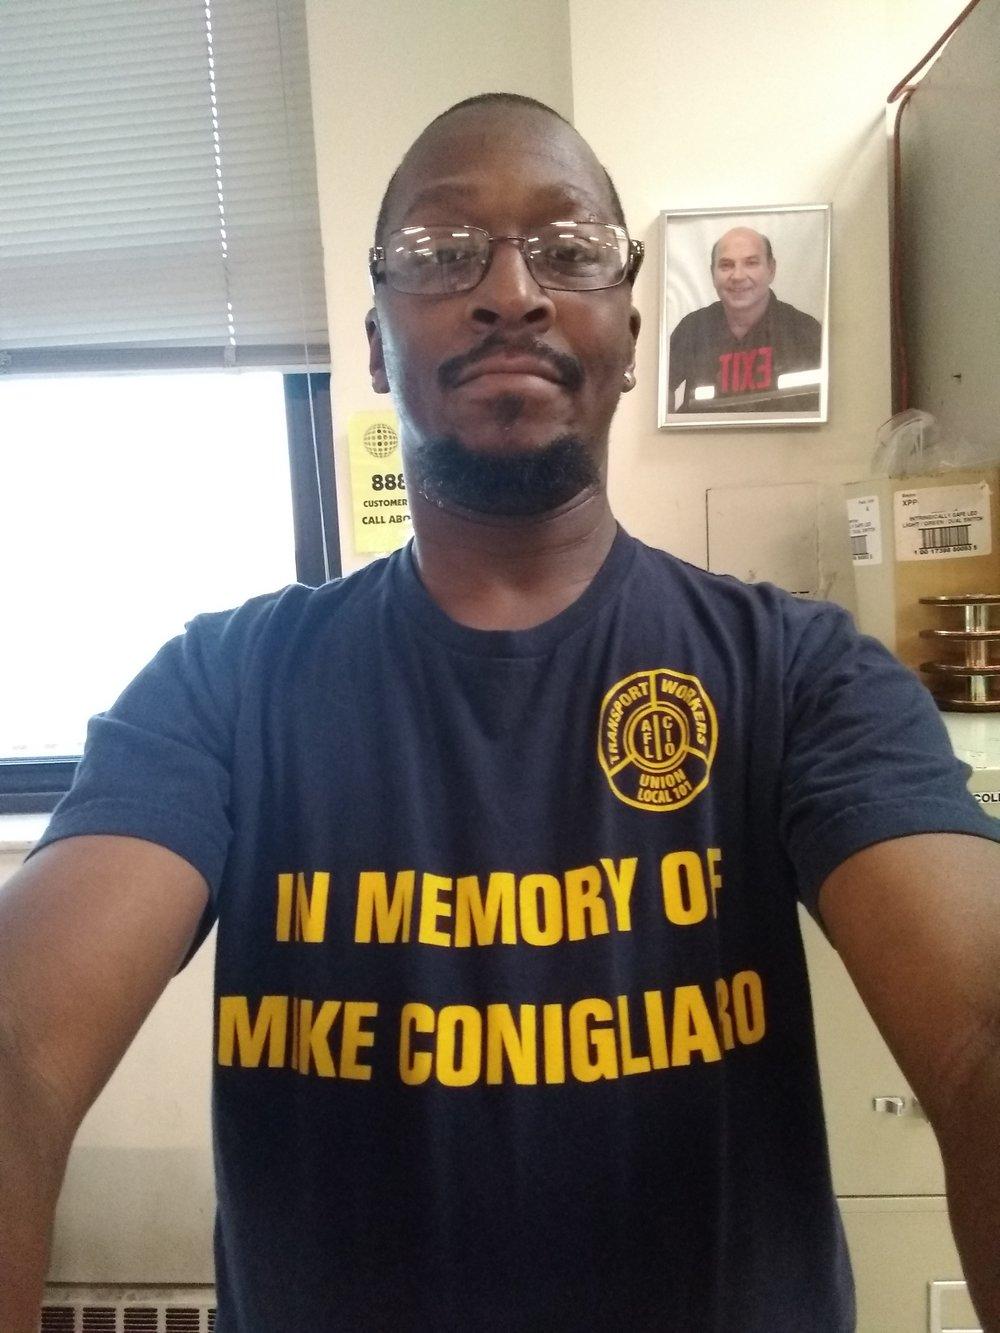 MEMORY OF MIKE.jpg